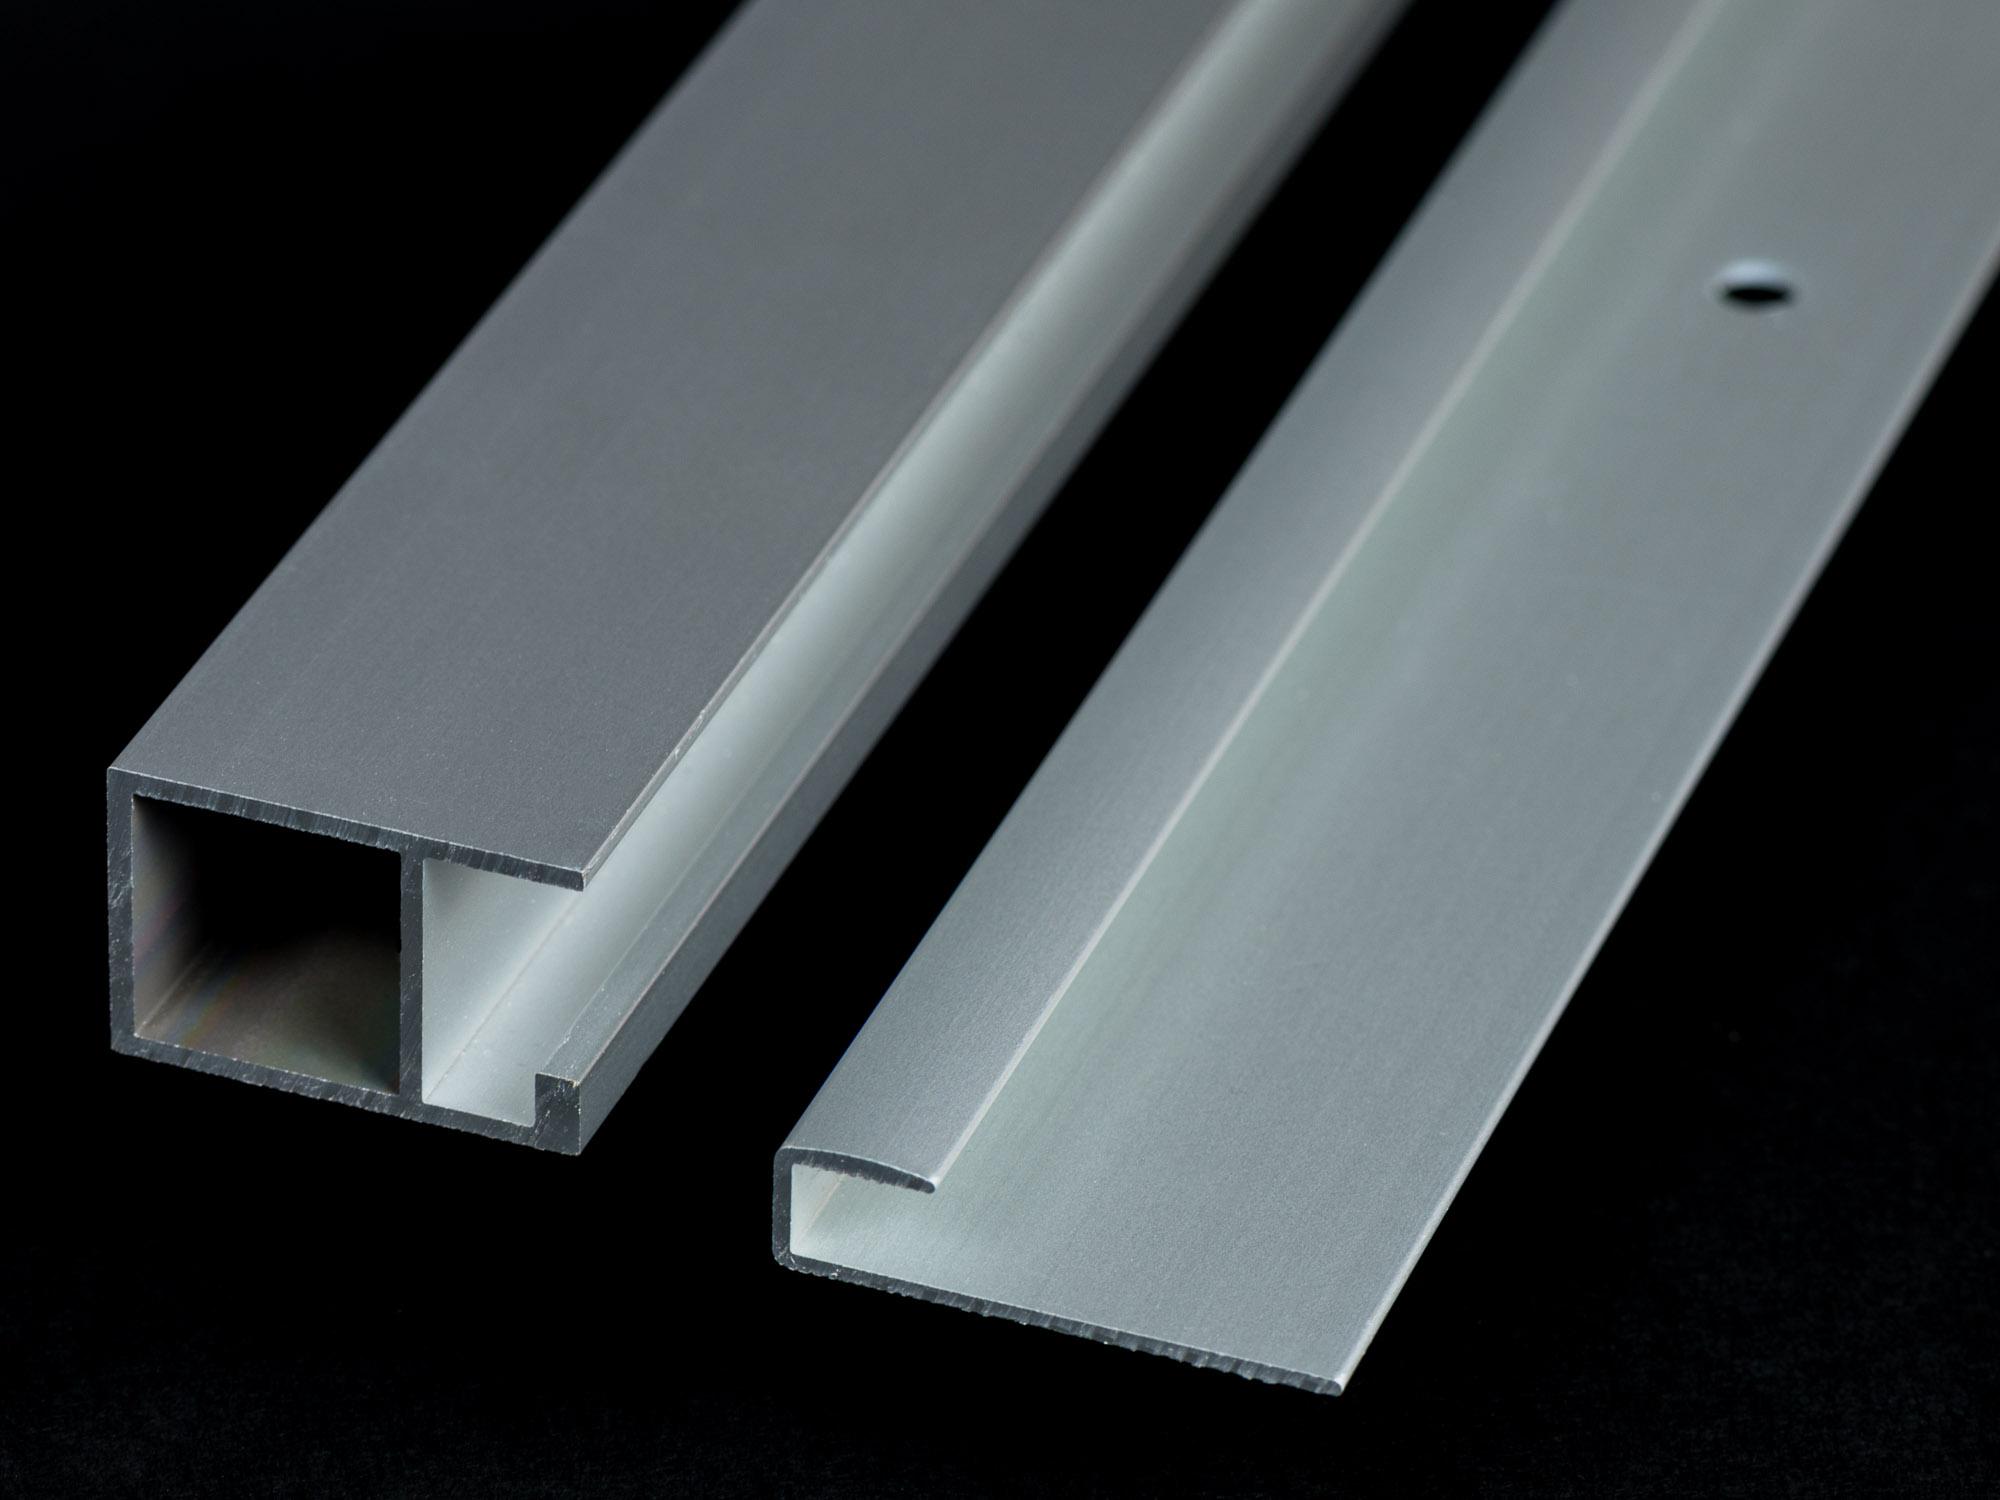 Upphängningslister för bildmontering på Dibond 4mm